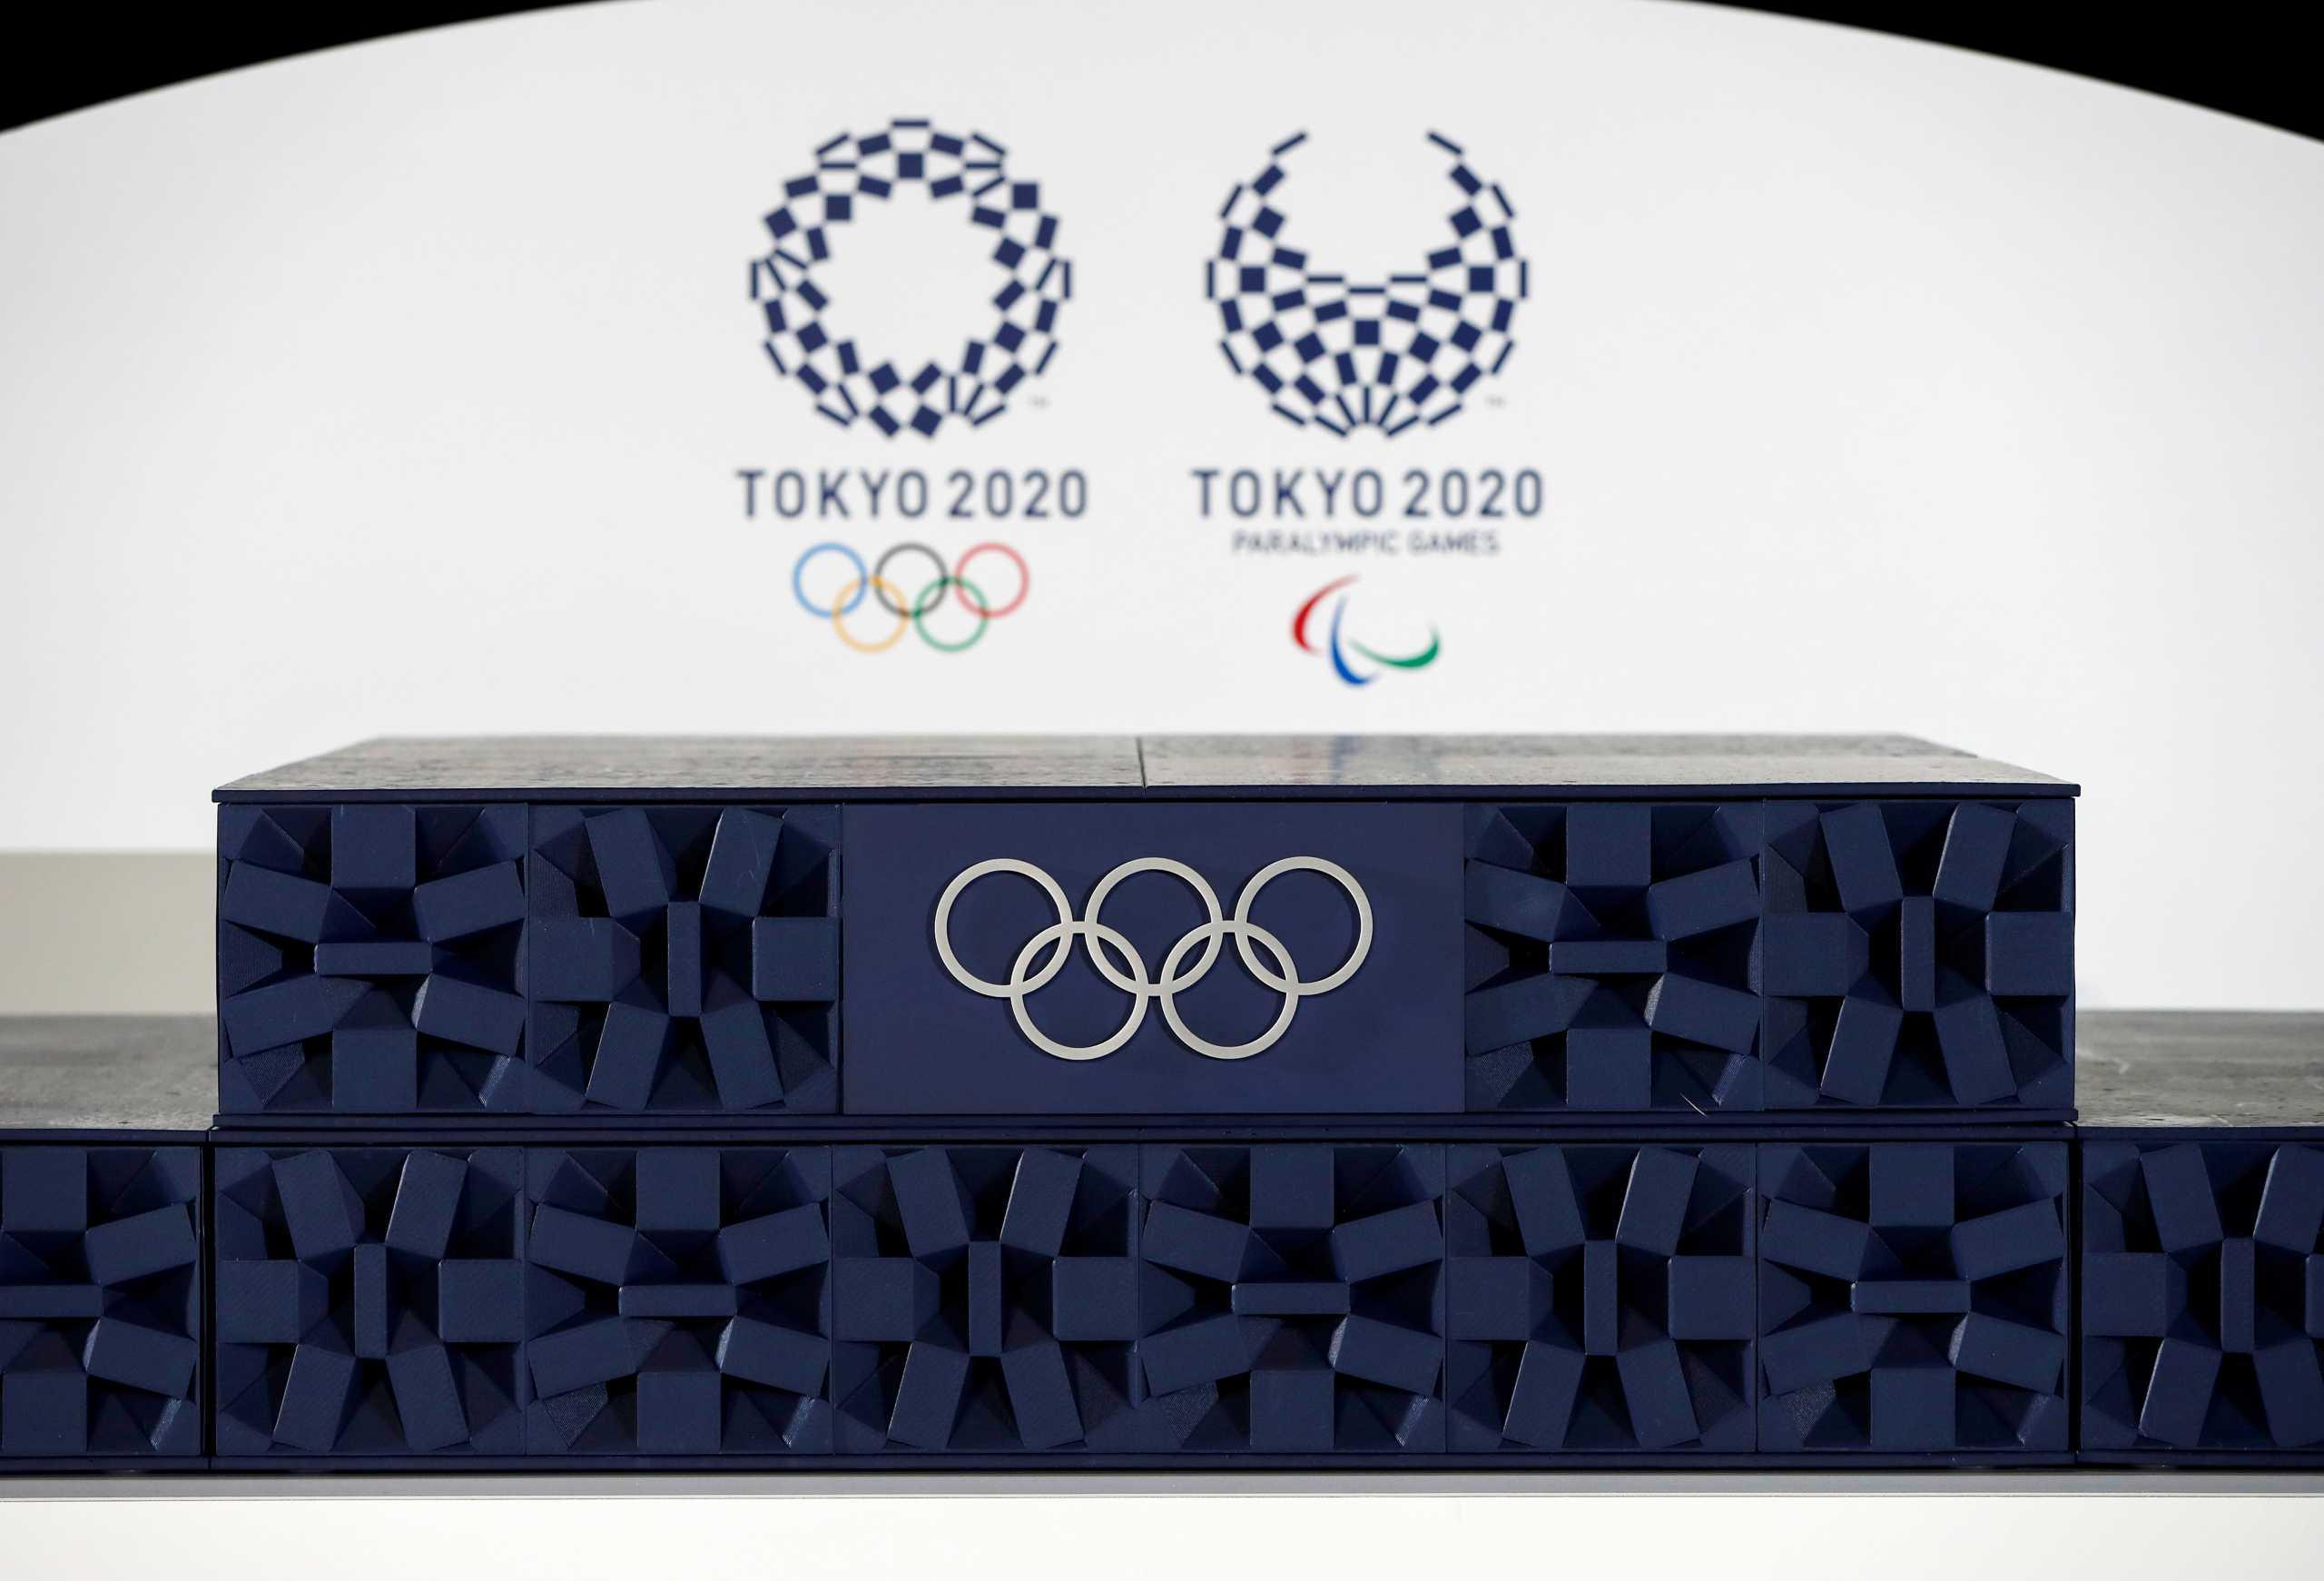 Ολυμπιακοί Αγώνες: Αυτό είναι κι έτσι φτιάχτηκε το βάθρο για τους νικητές